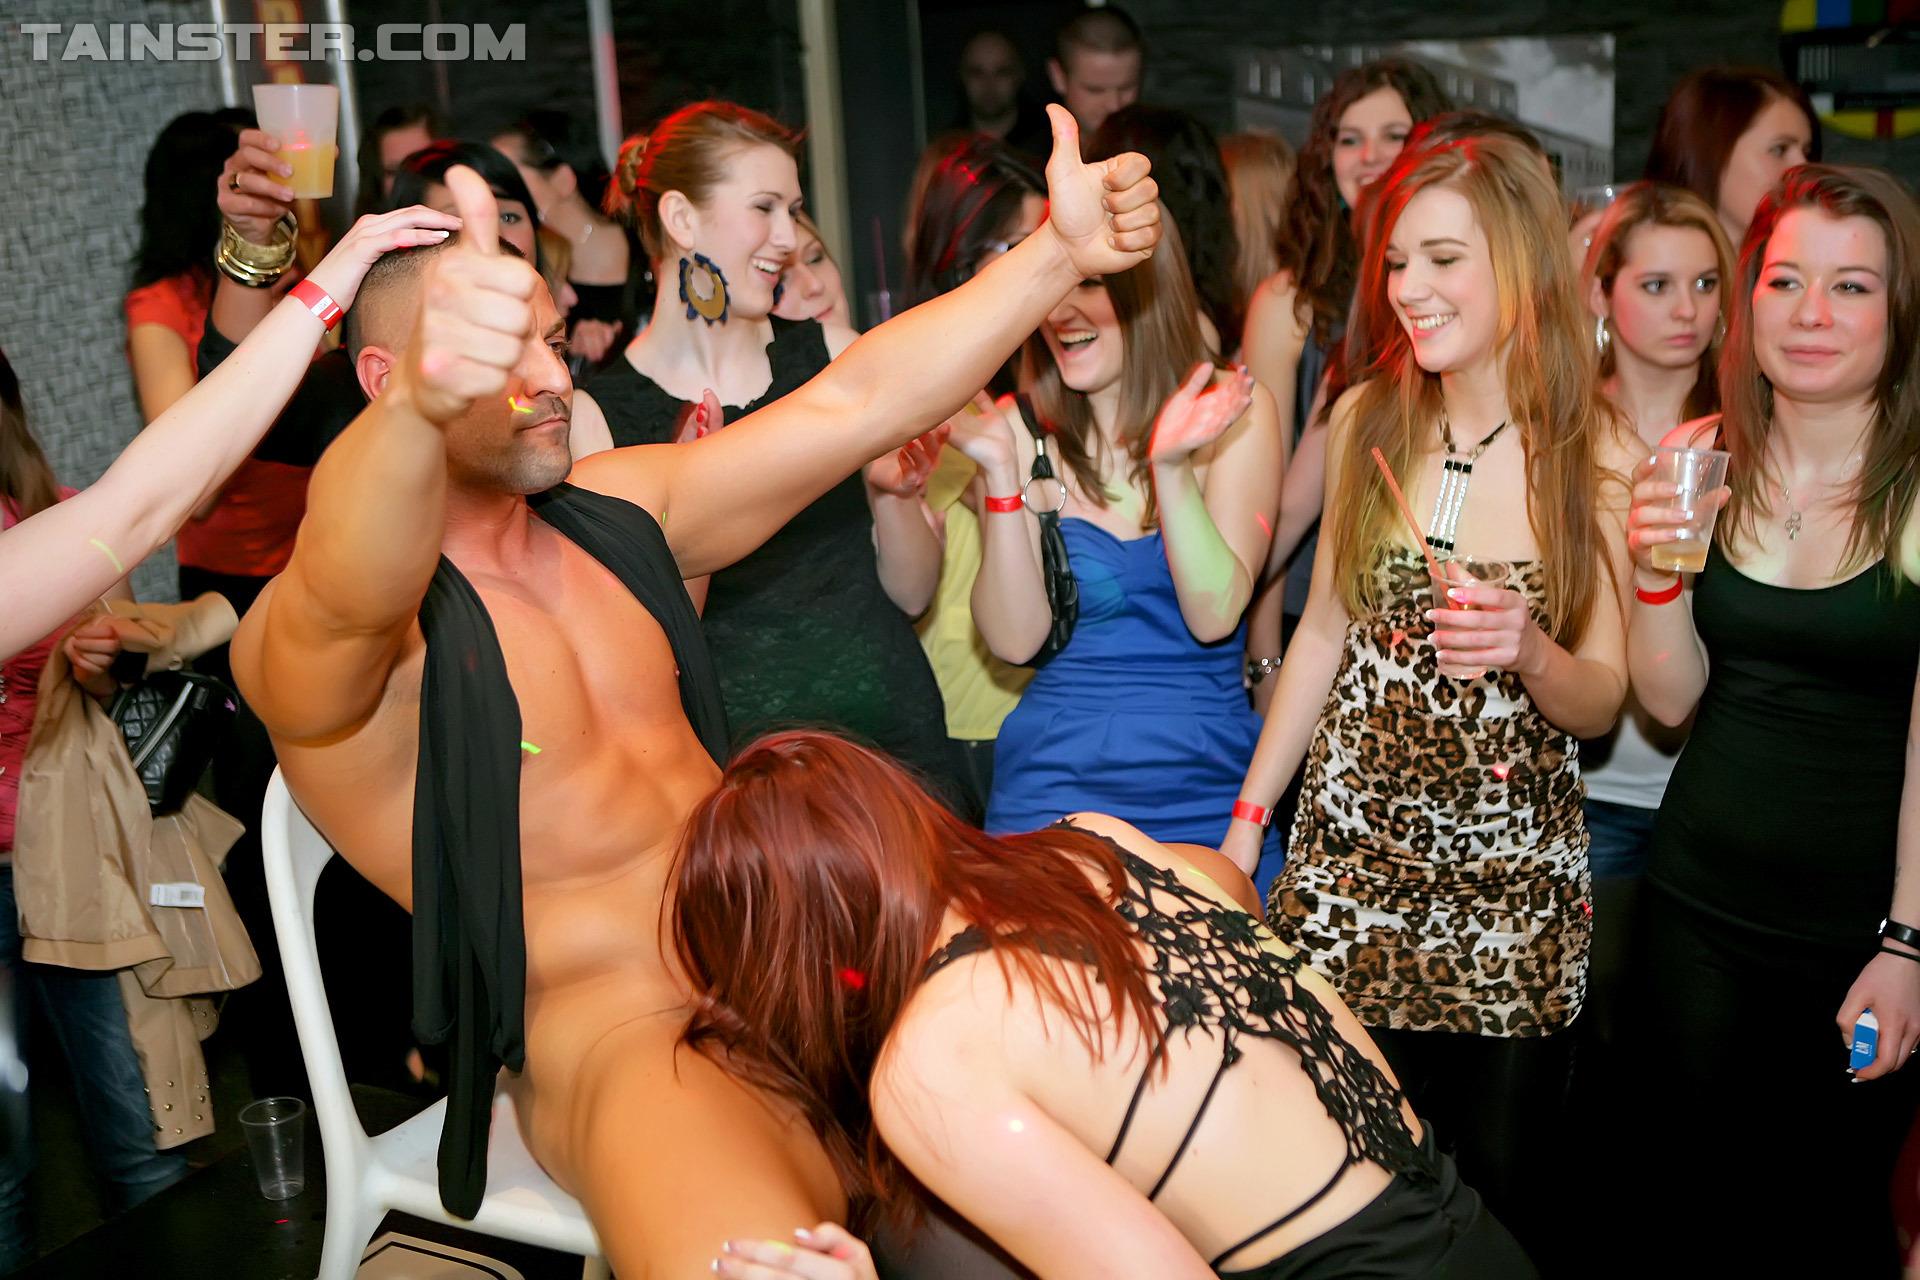 ней видео секс конкурсов из закрытых вечеринок и клубов это доктор